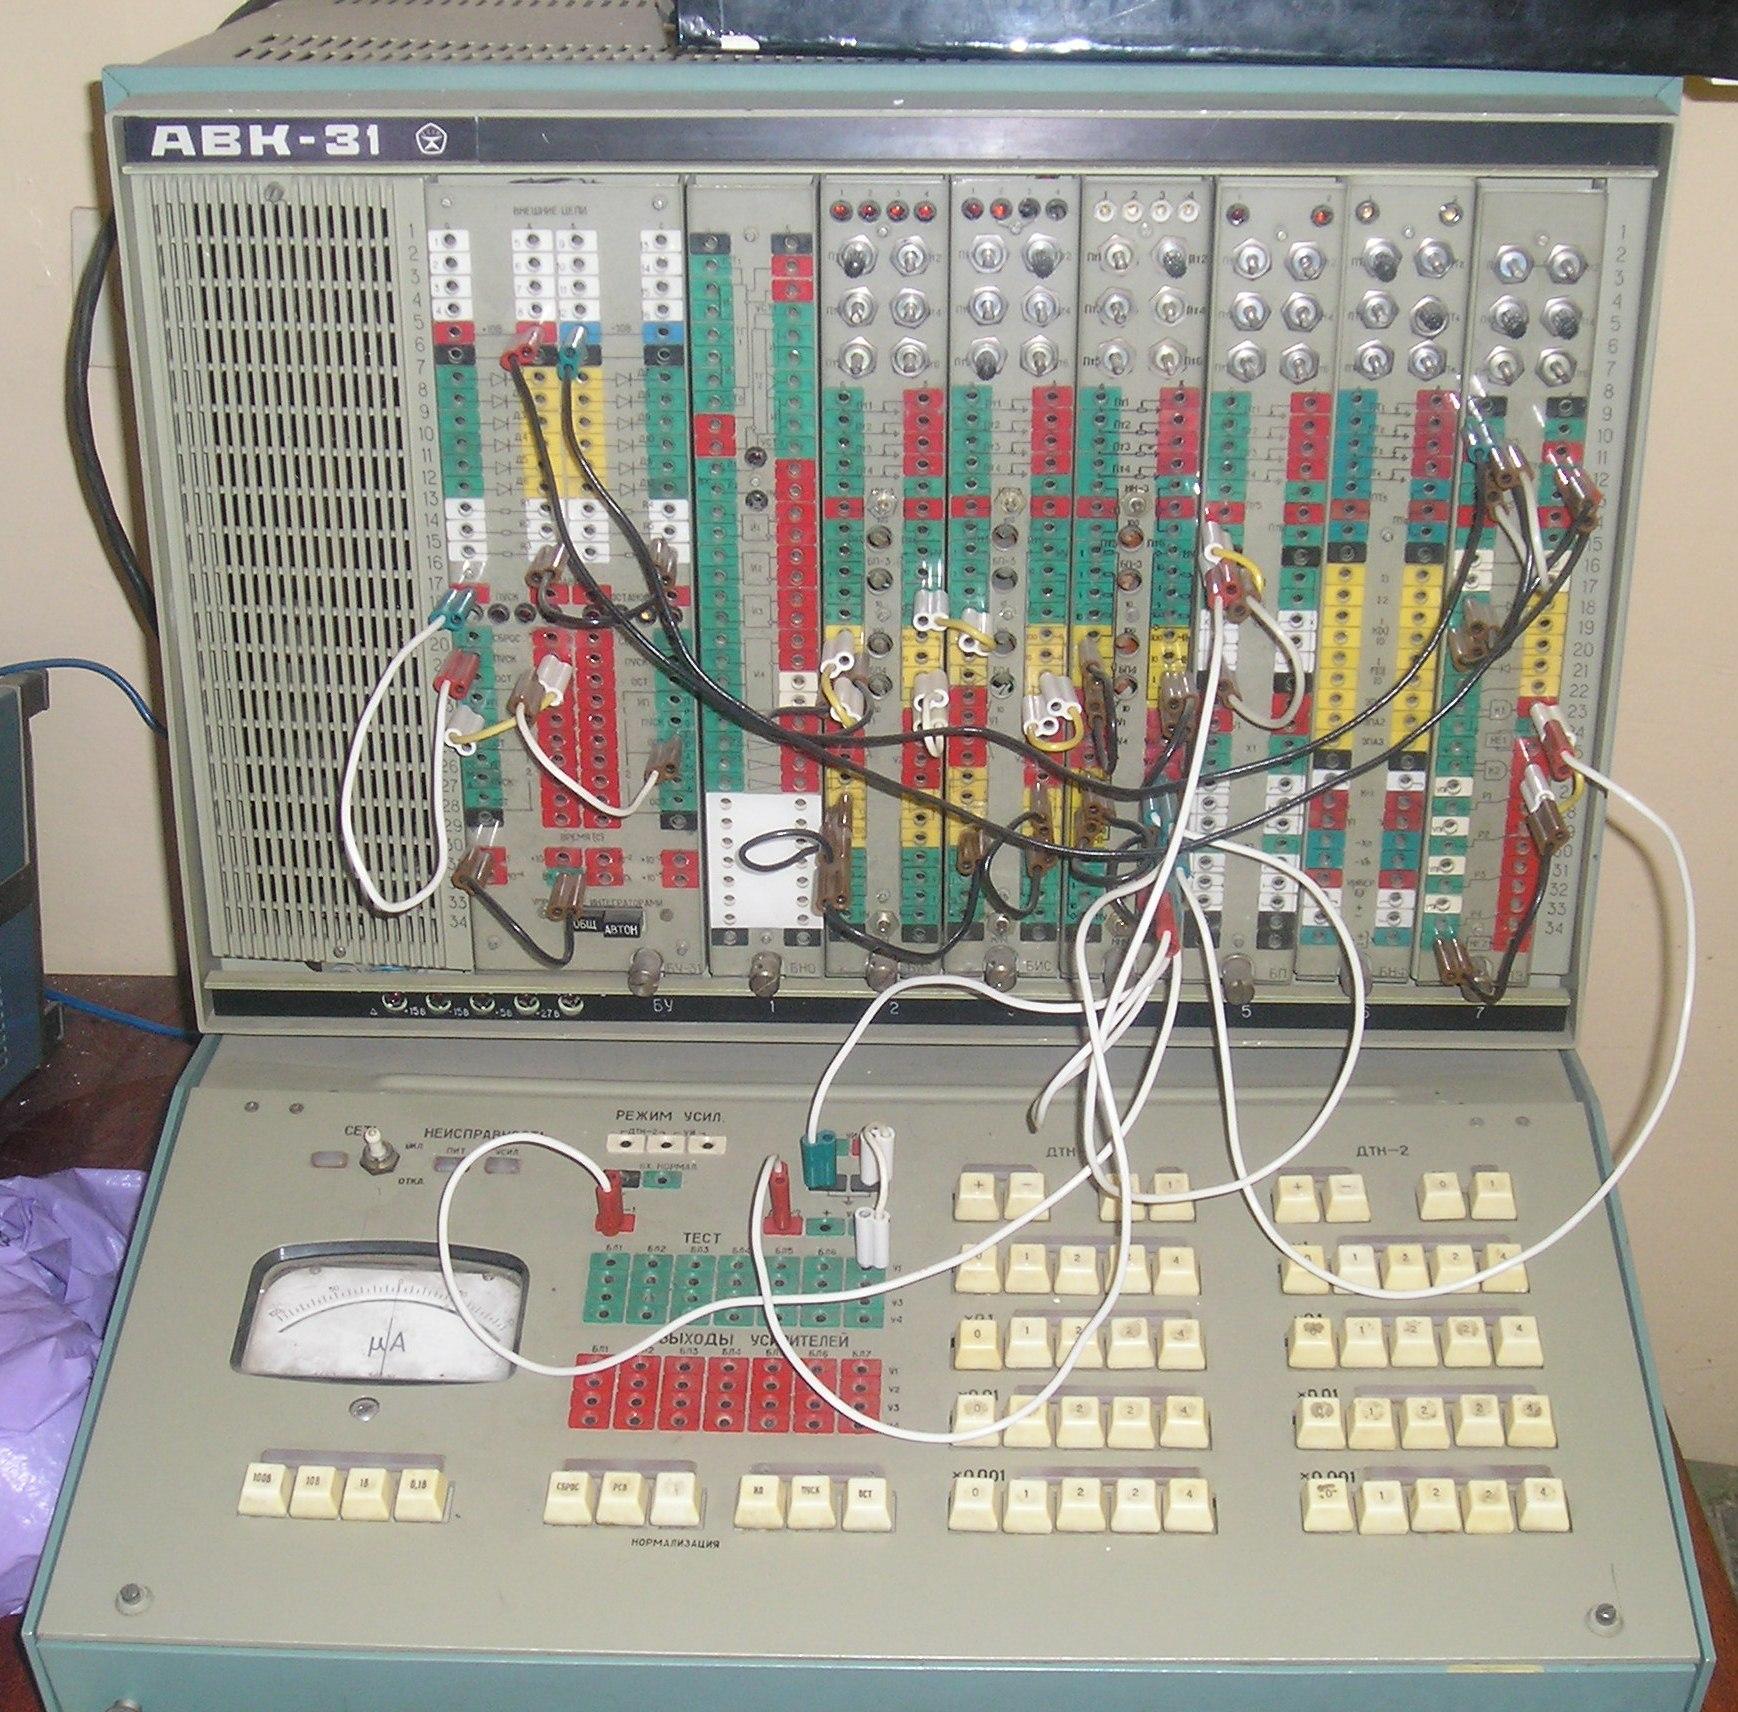 А вот на такой вот вычислительной машине мы делали лабы.  Зато она решала такие загогулистые диффуры...